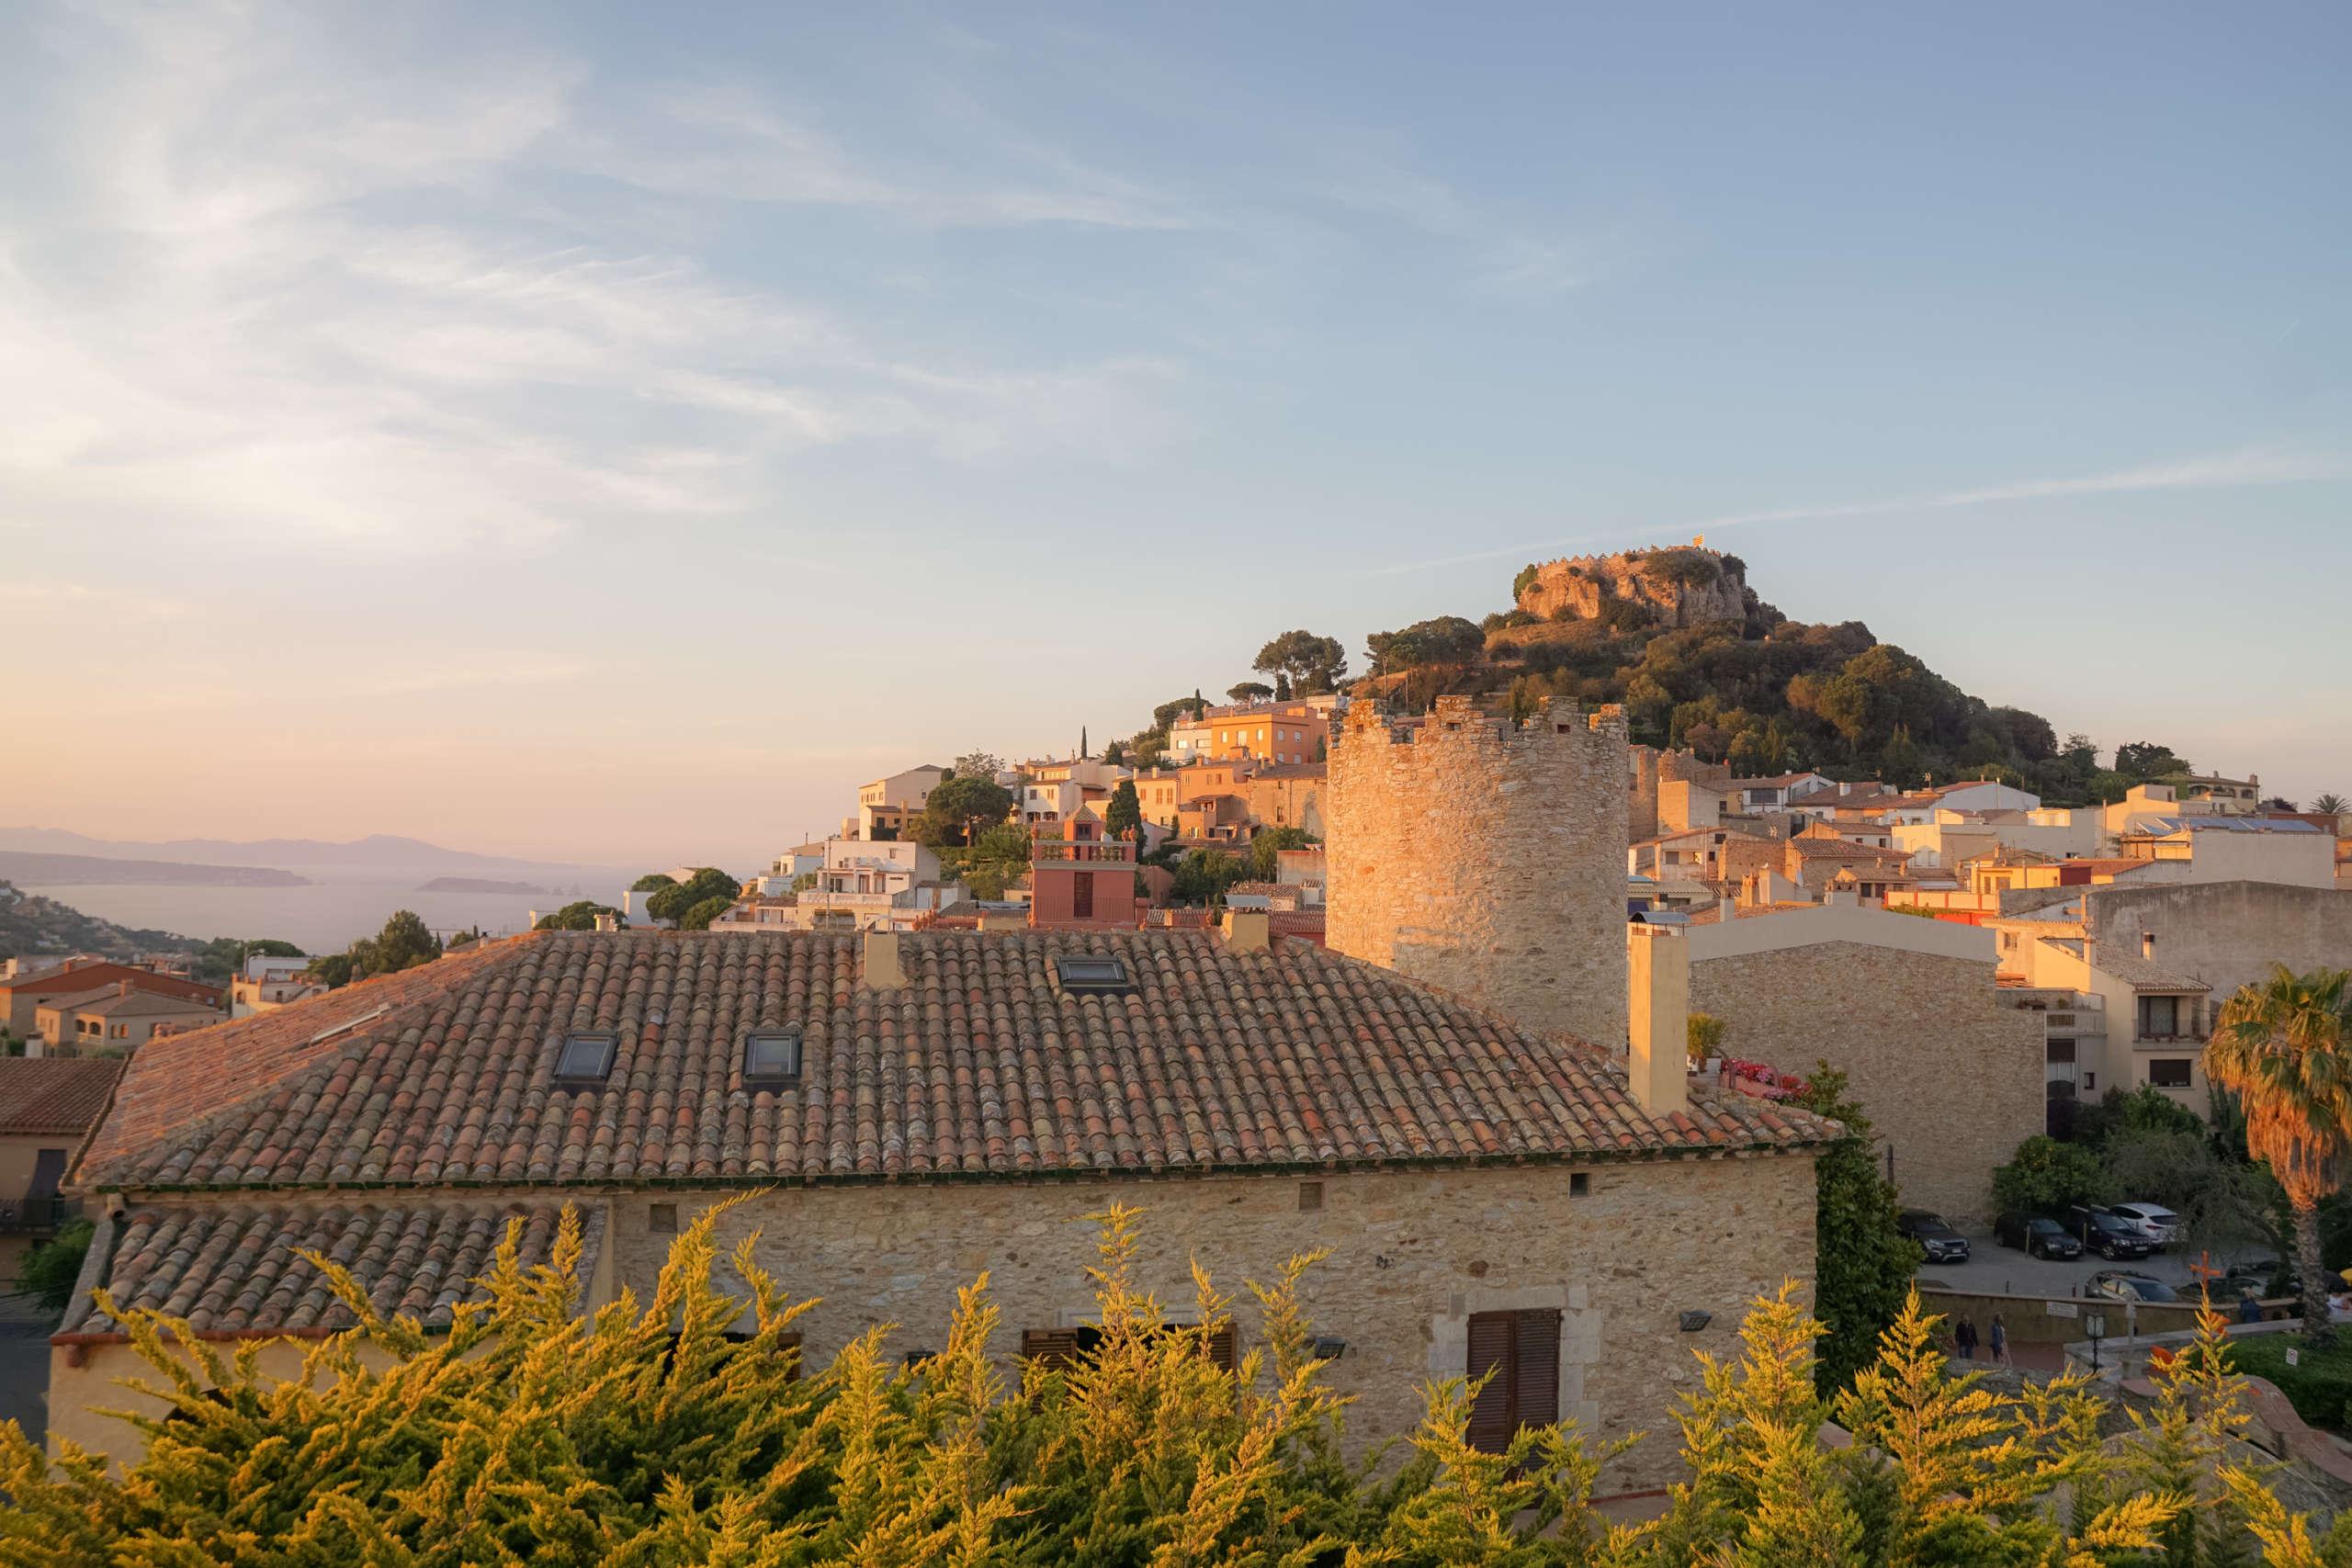 Eine alte Burg in der Stadt Begur an der Costa Brava zur goldenen Stunde